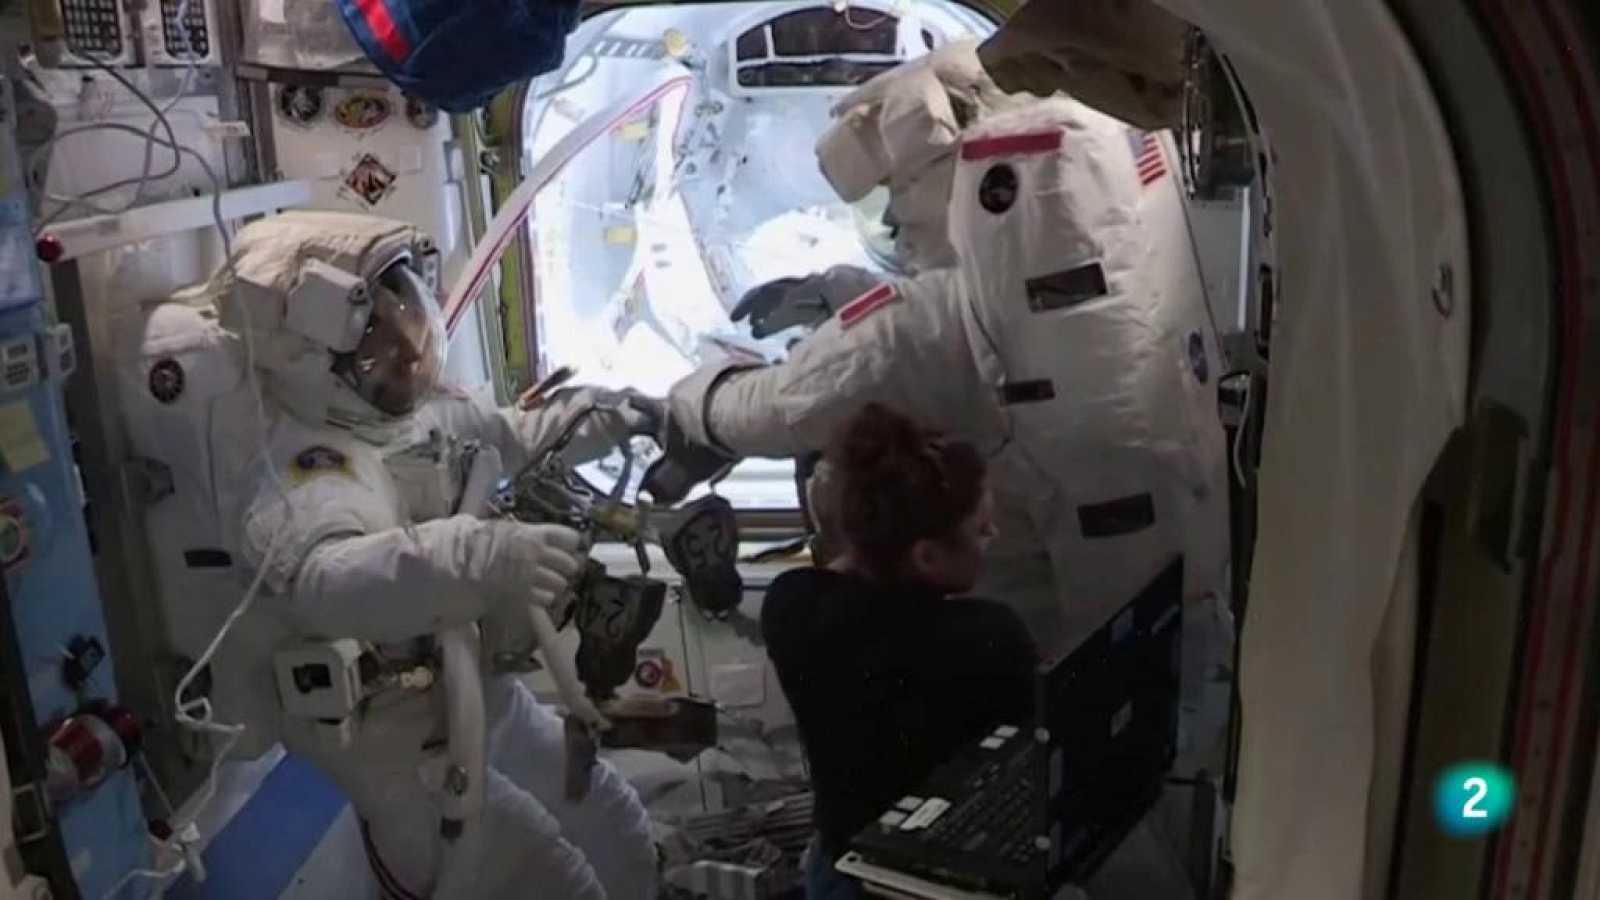 La aventura del saber Noticiero Científico y Cultural Iberoamericano NCC cóndor astronautas #AventuraSaberNCCI